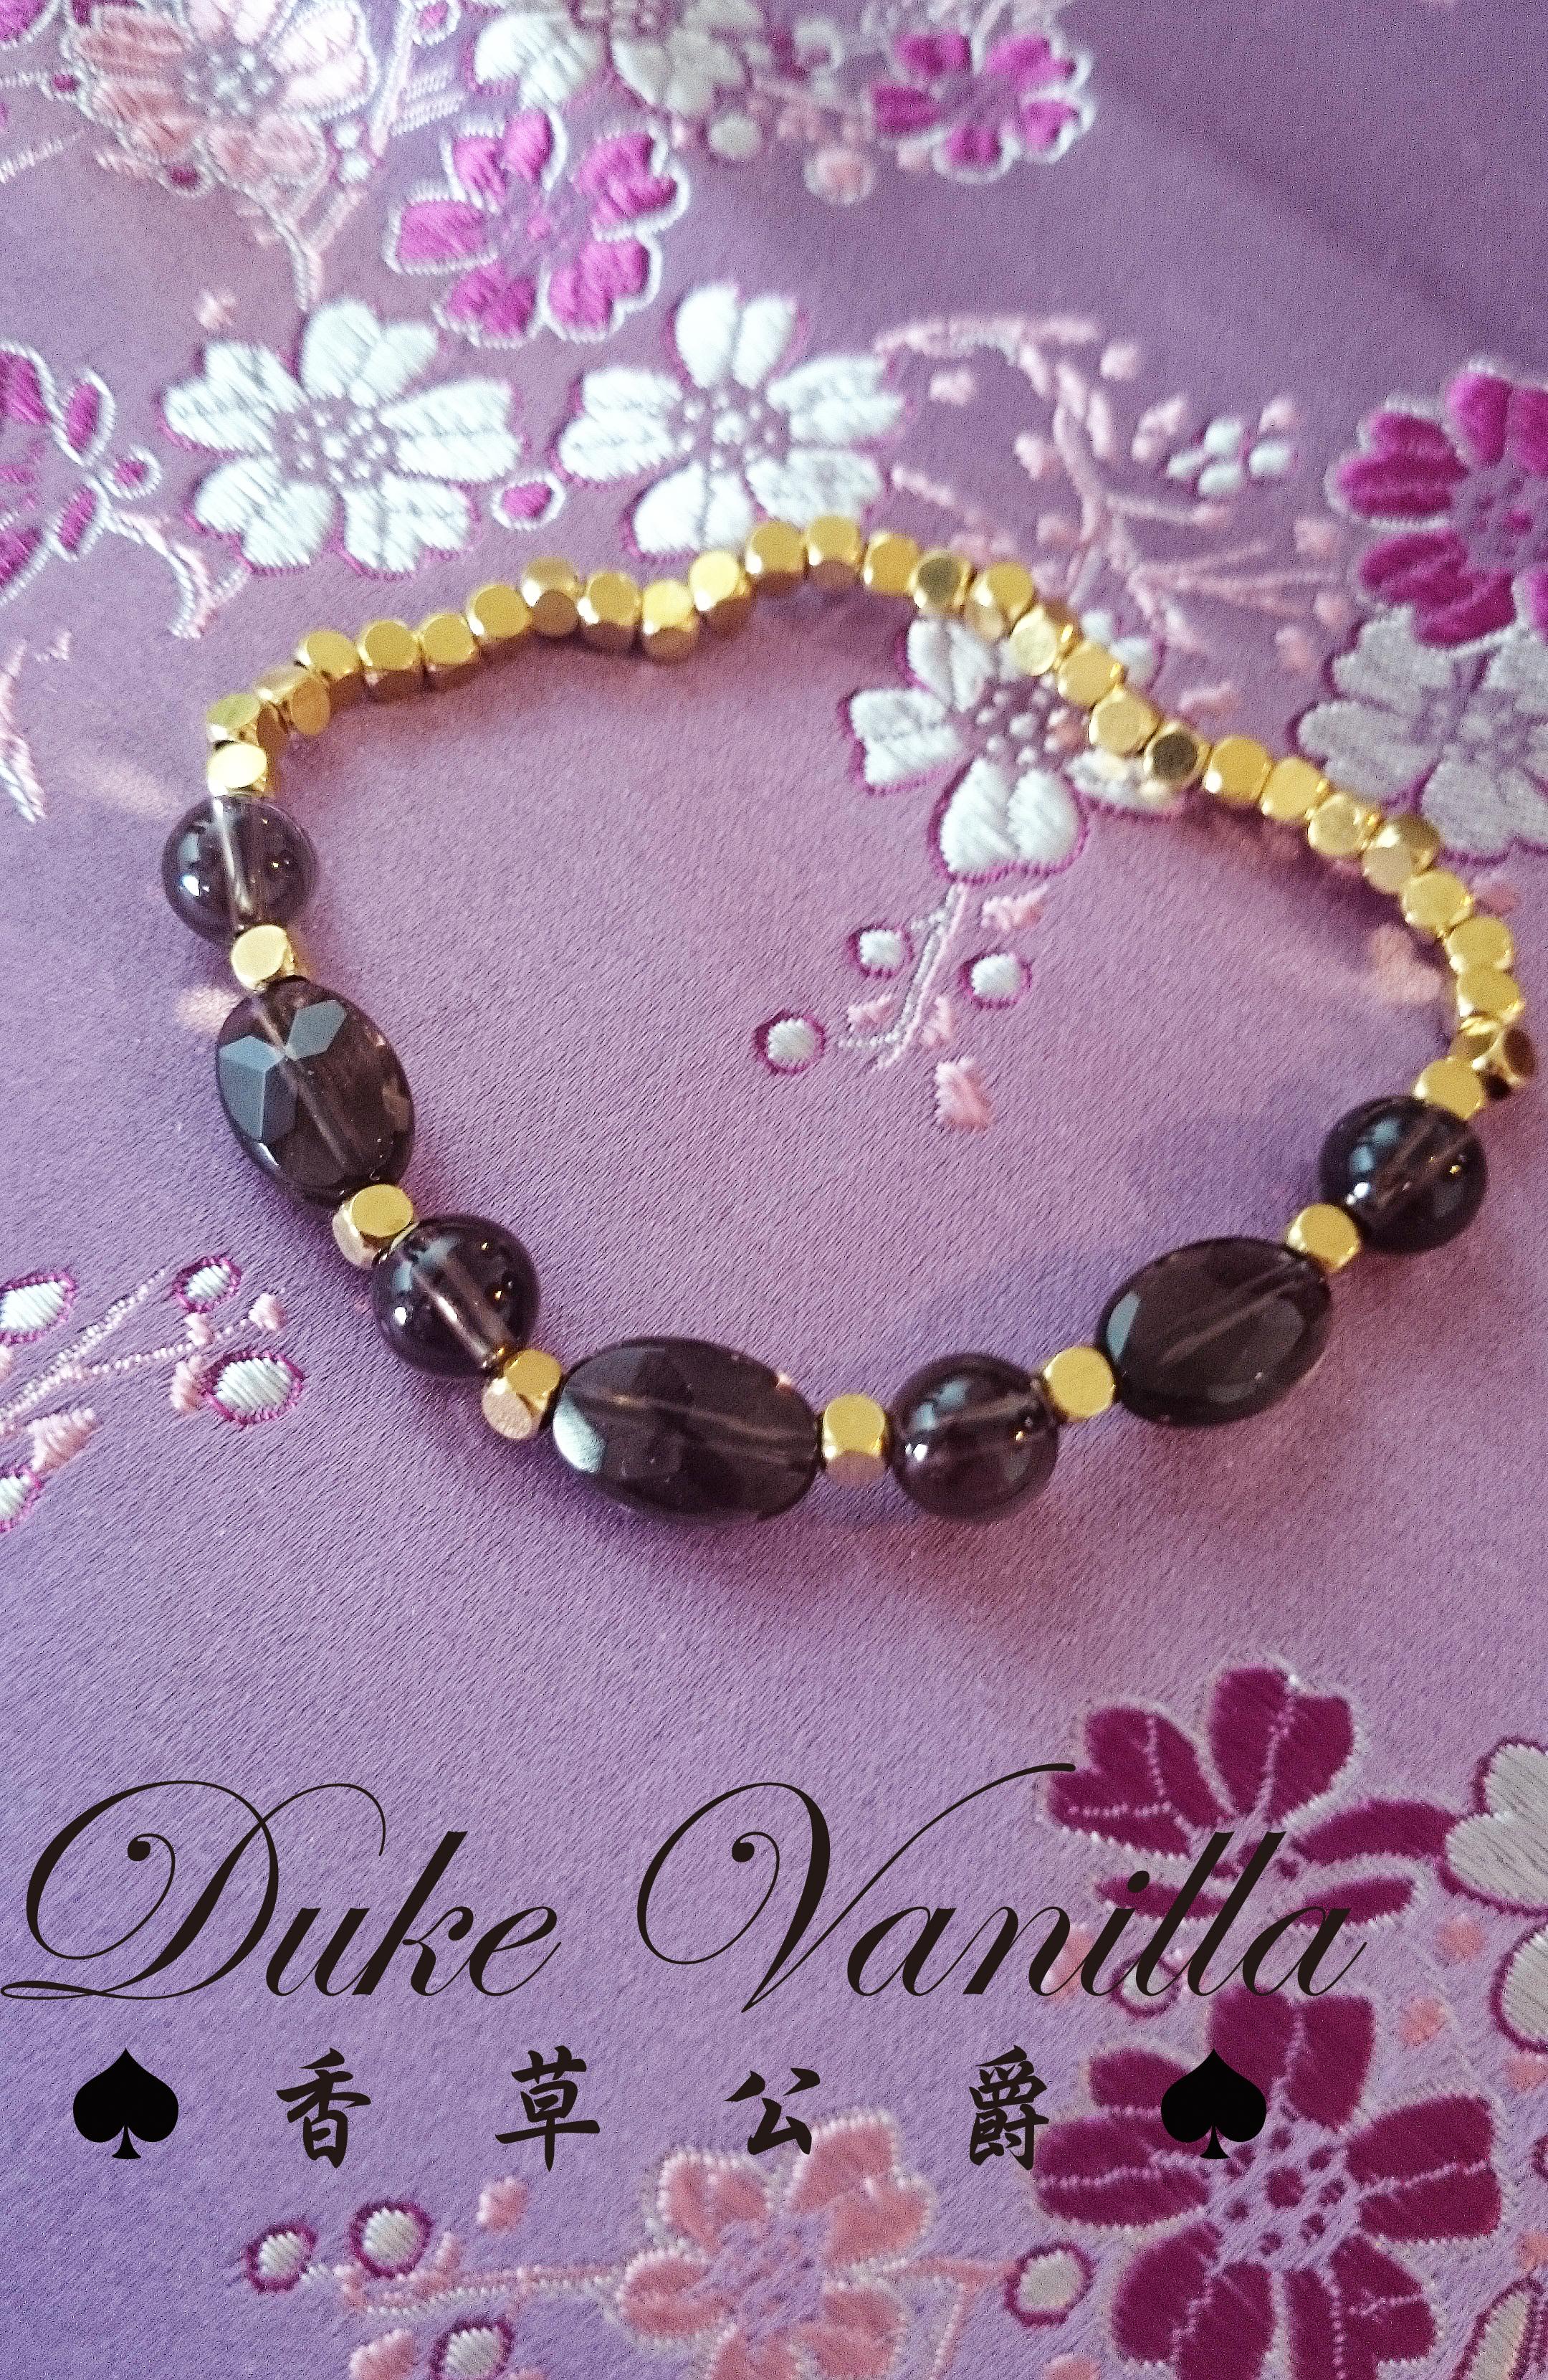 茶晶黃銅方珠手環 - Duke Vanilla 香草公爵